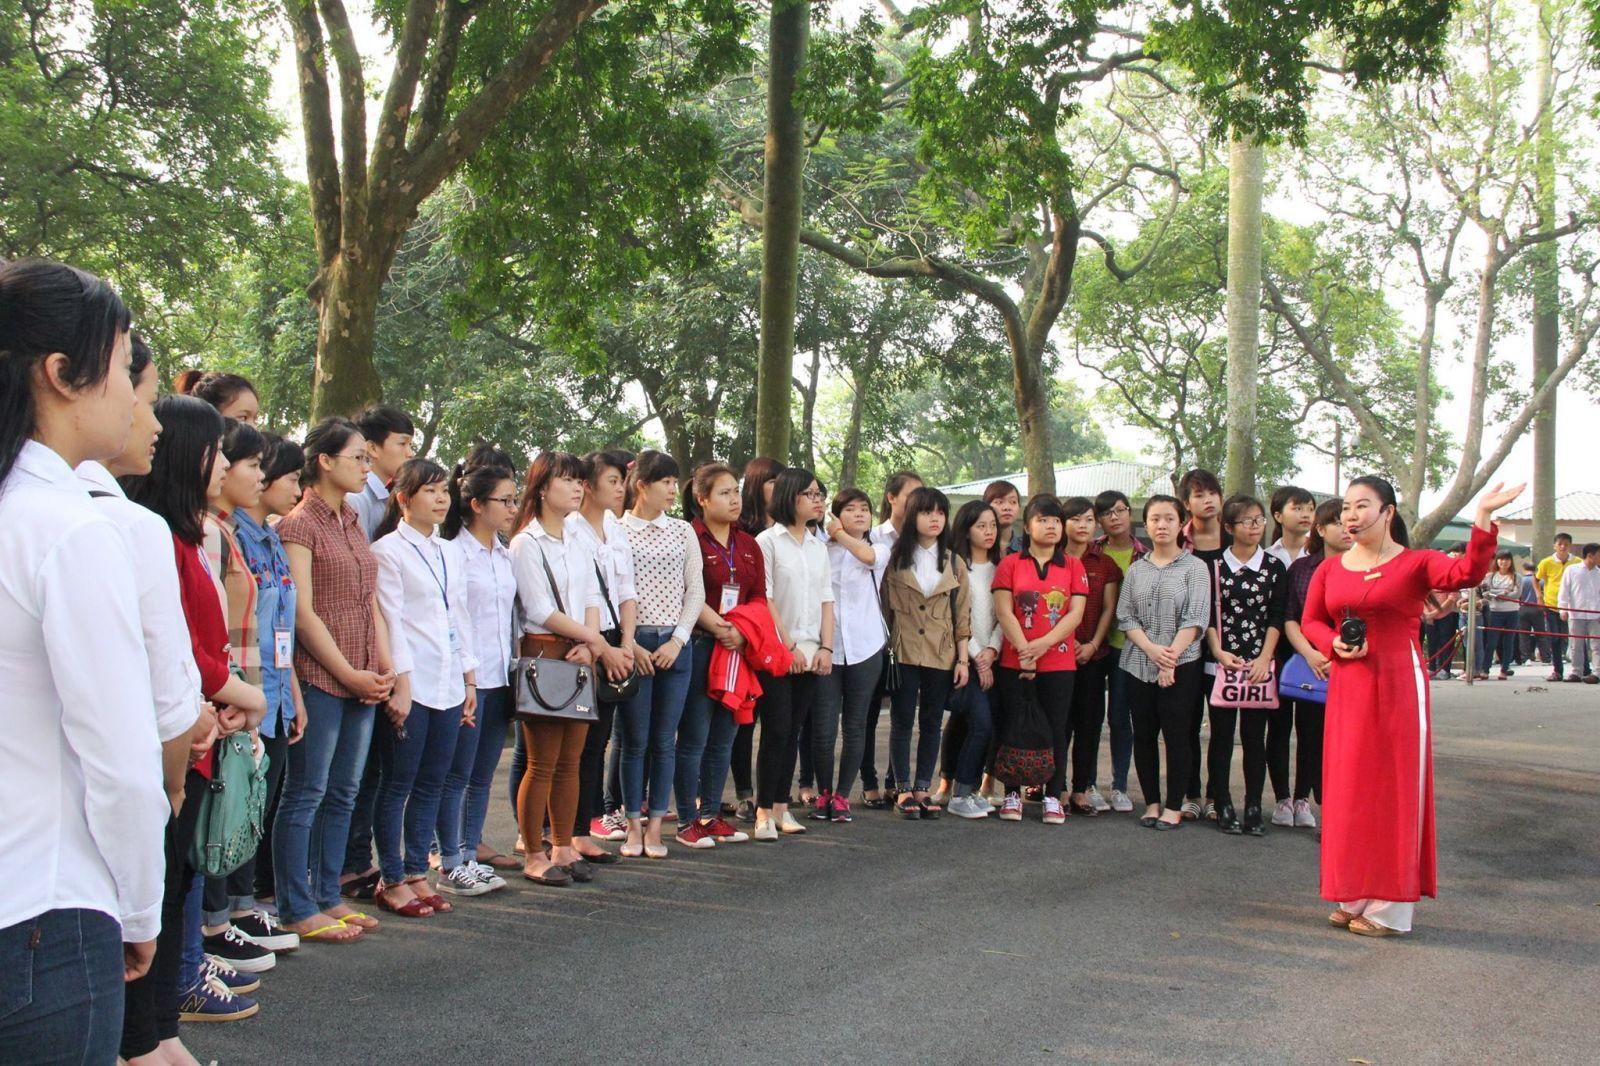 Đại biểu quốc hội CSVN đề nghị cấm hướng dẫn viên du lịch nước ngoài hành nghề tại Việt Nam